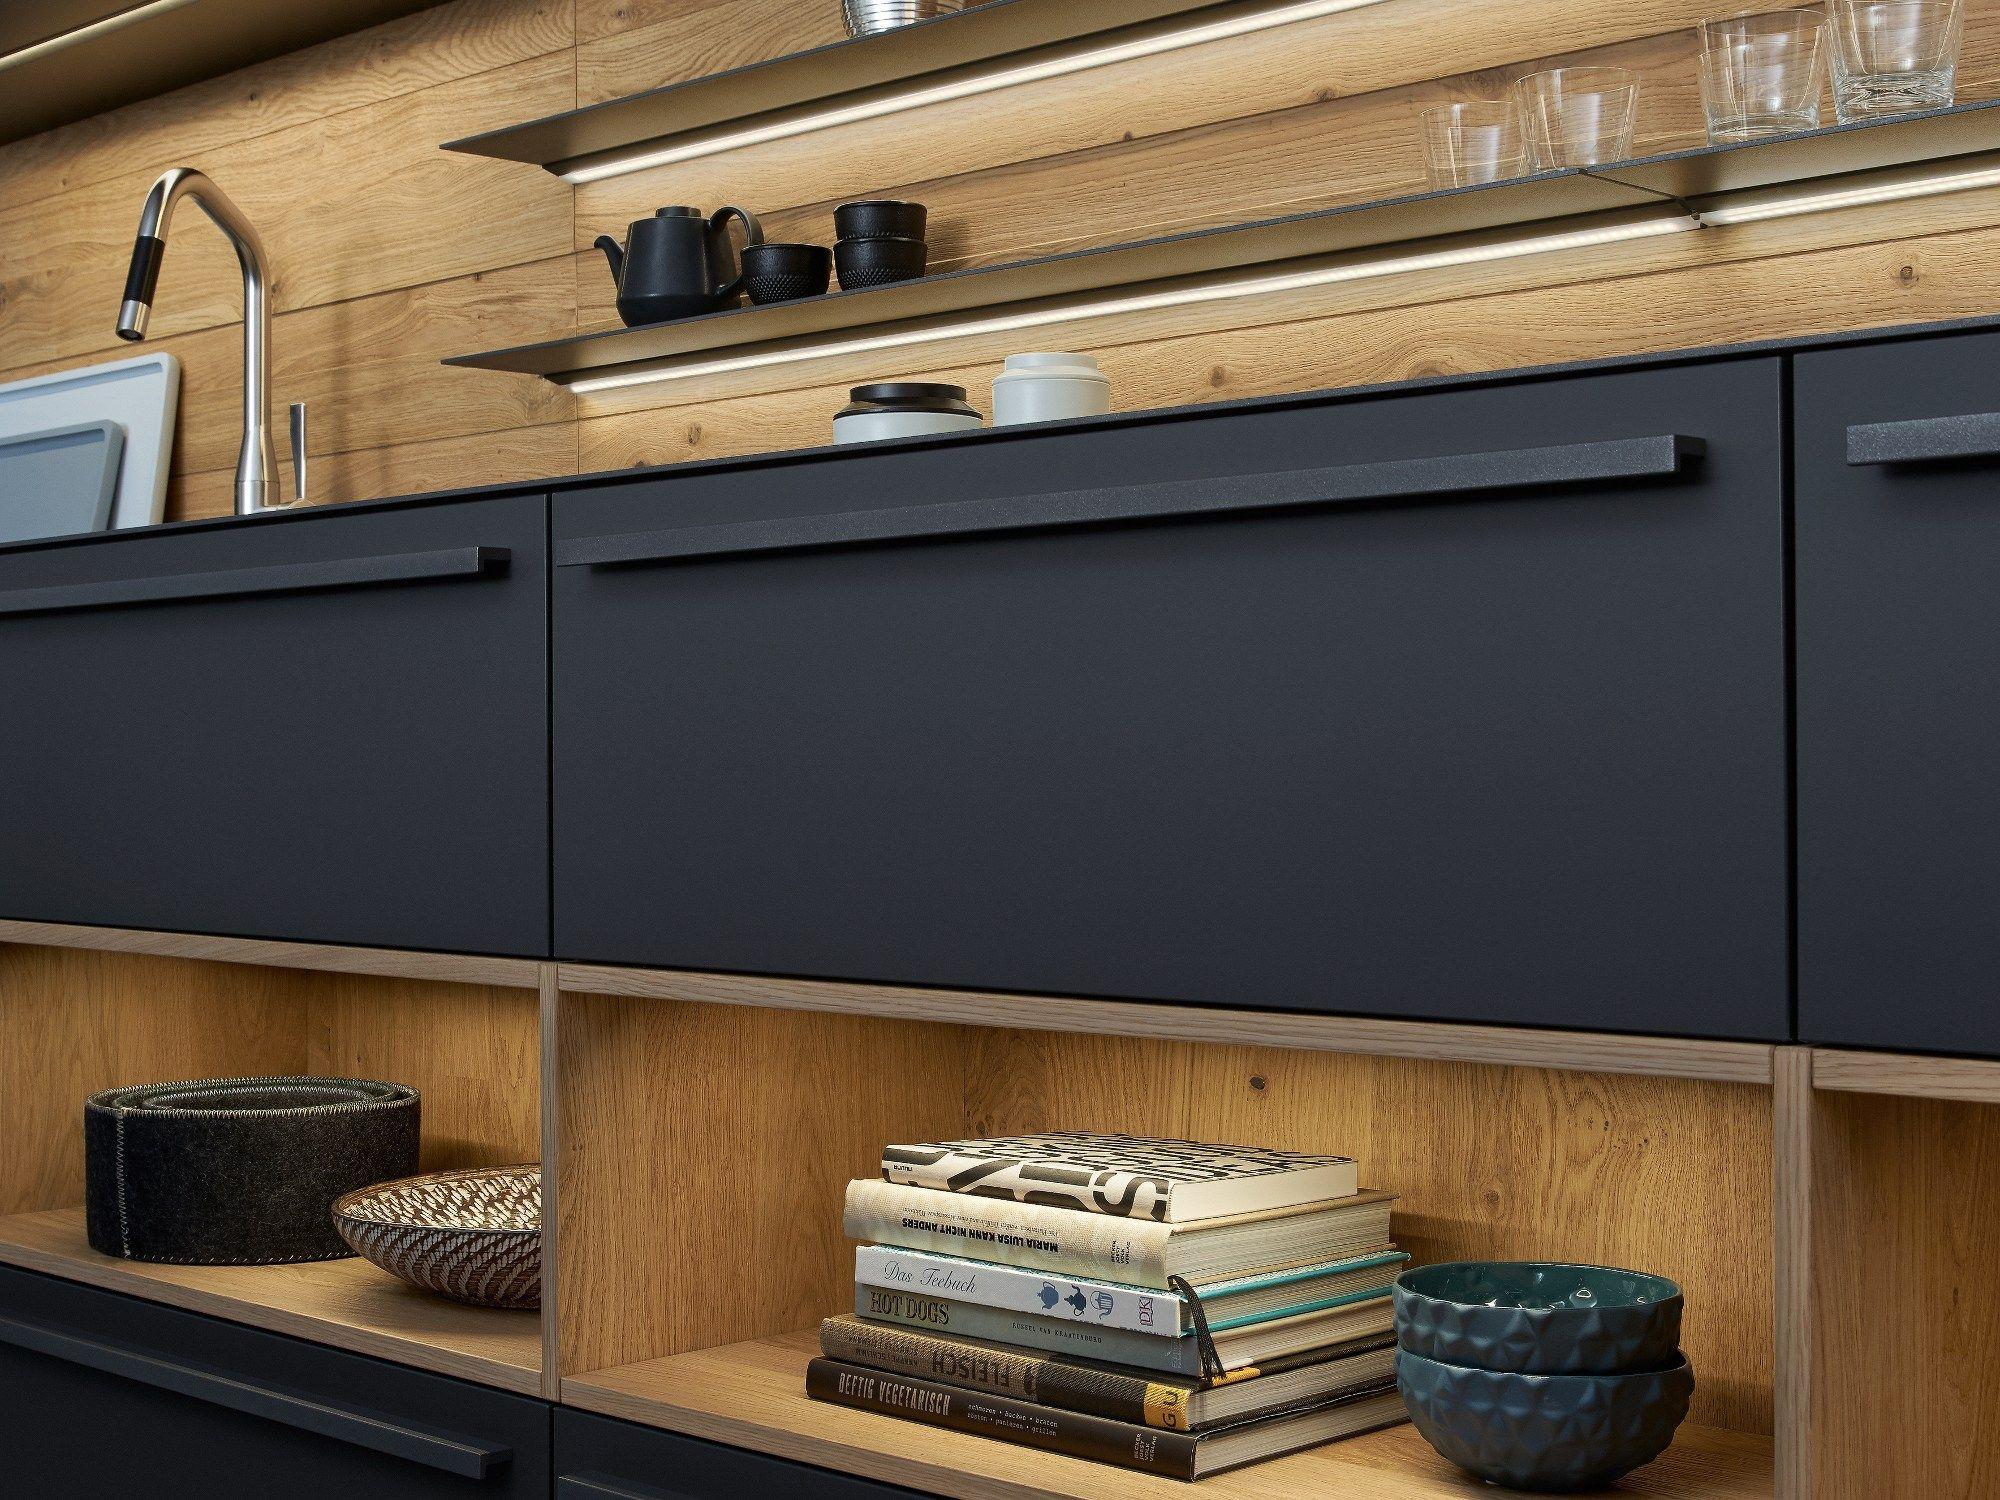 Solid wood kitchen with island BONDI | VALAIS By LEICHT Küchen | {Leicht küchen logo 57}